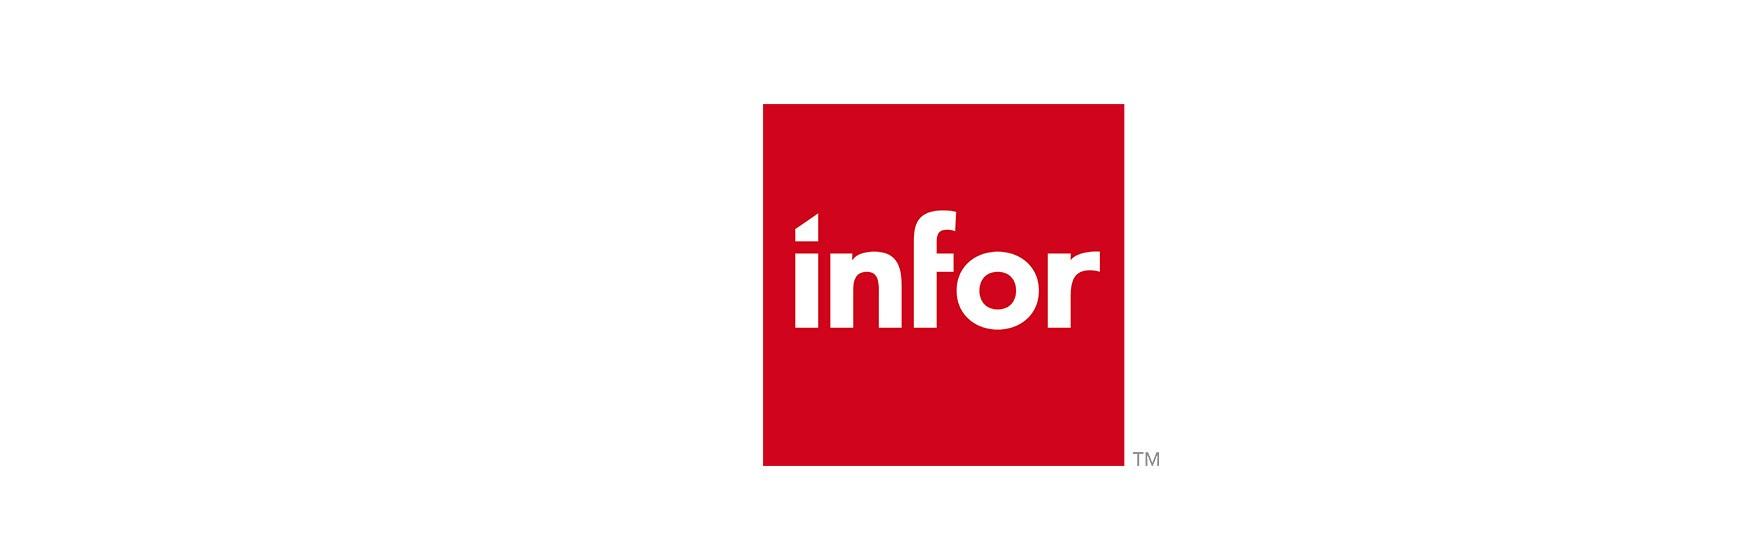 Infor Sponsor.